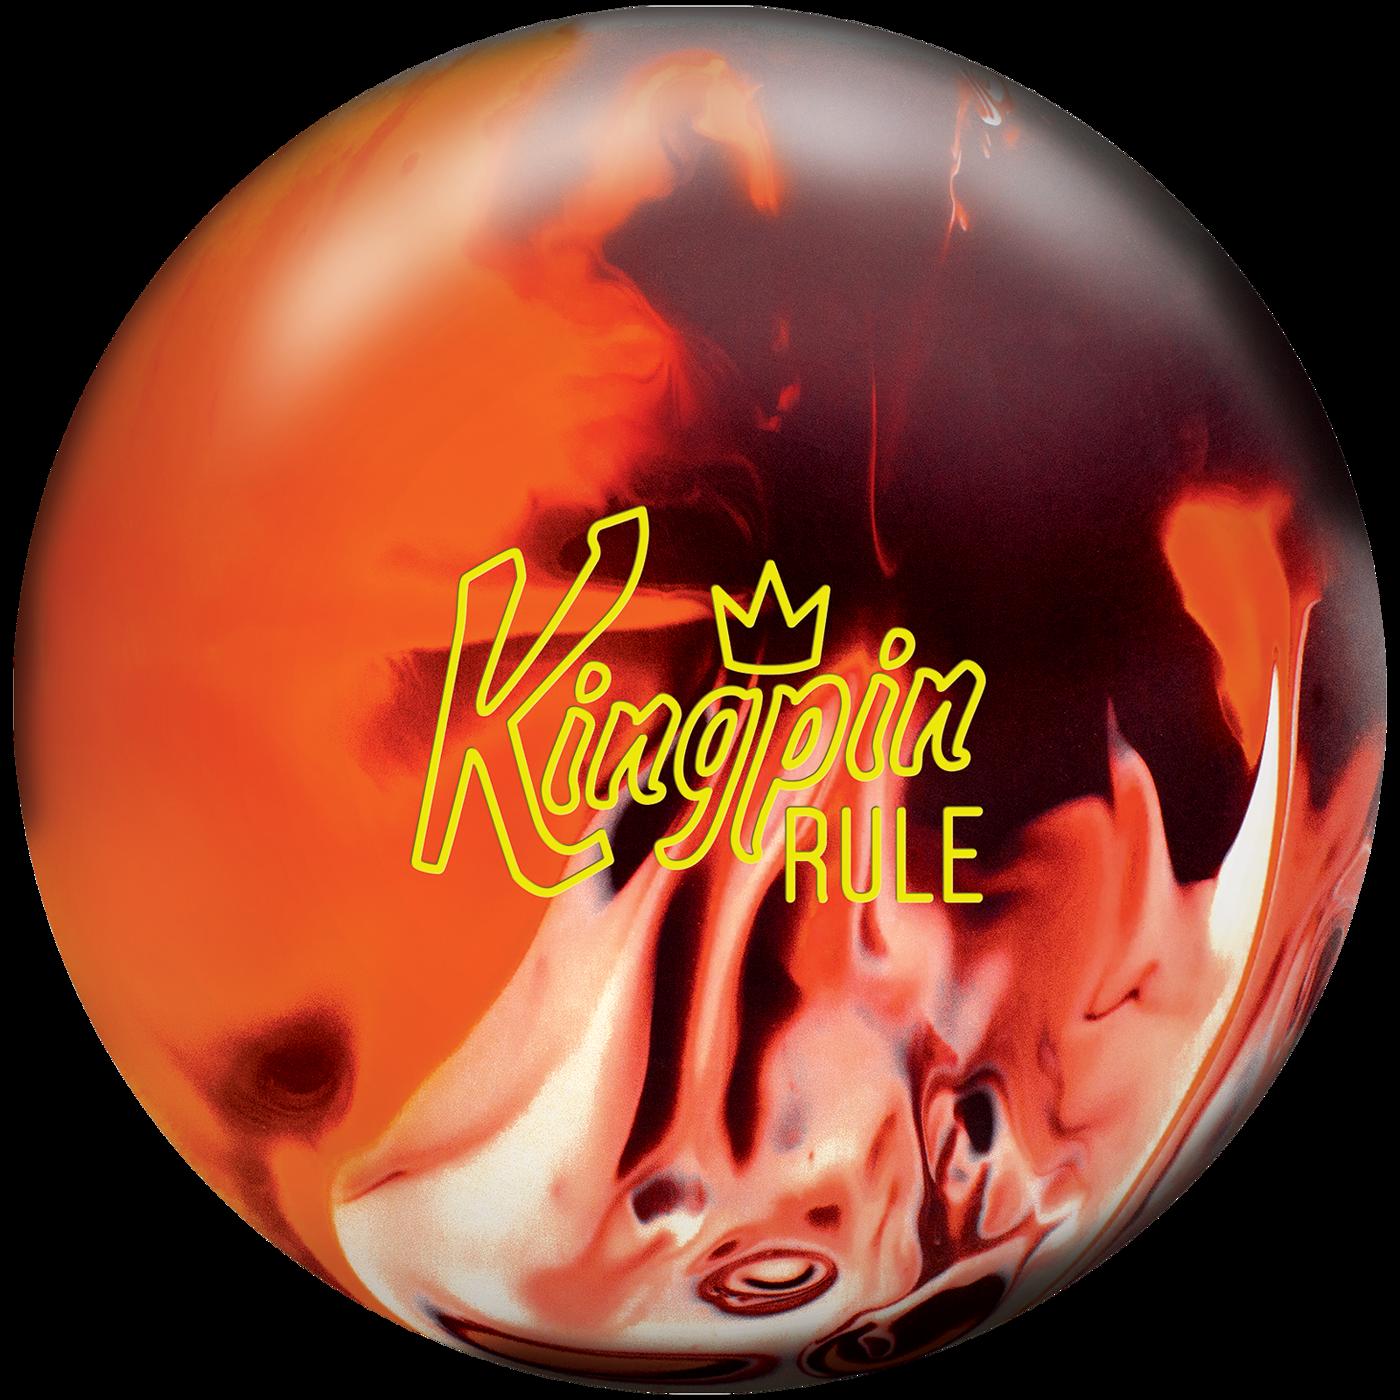 Brunswick Kingpin Rule Bowling Ball- $144.95 Free Shipping